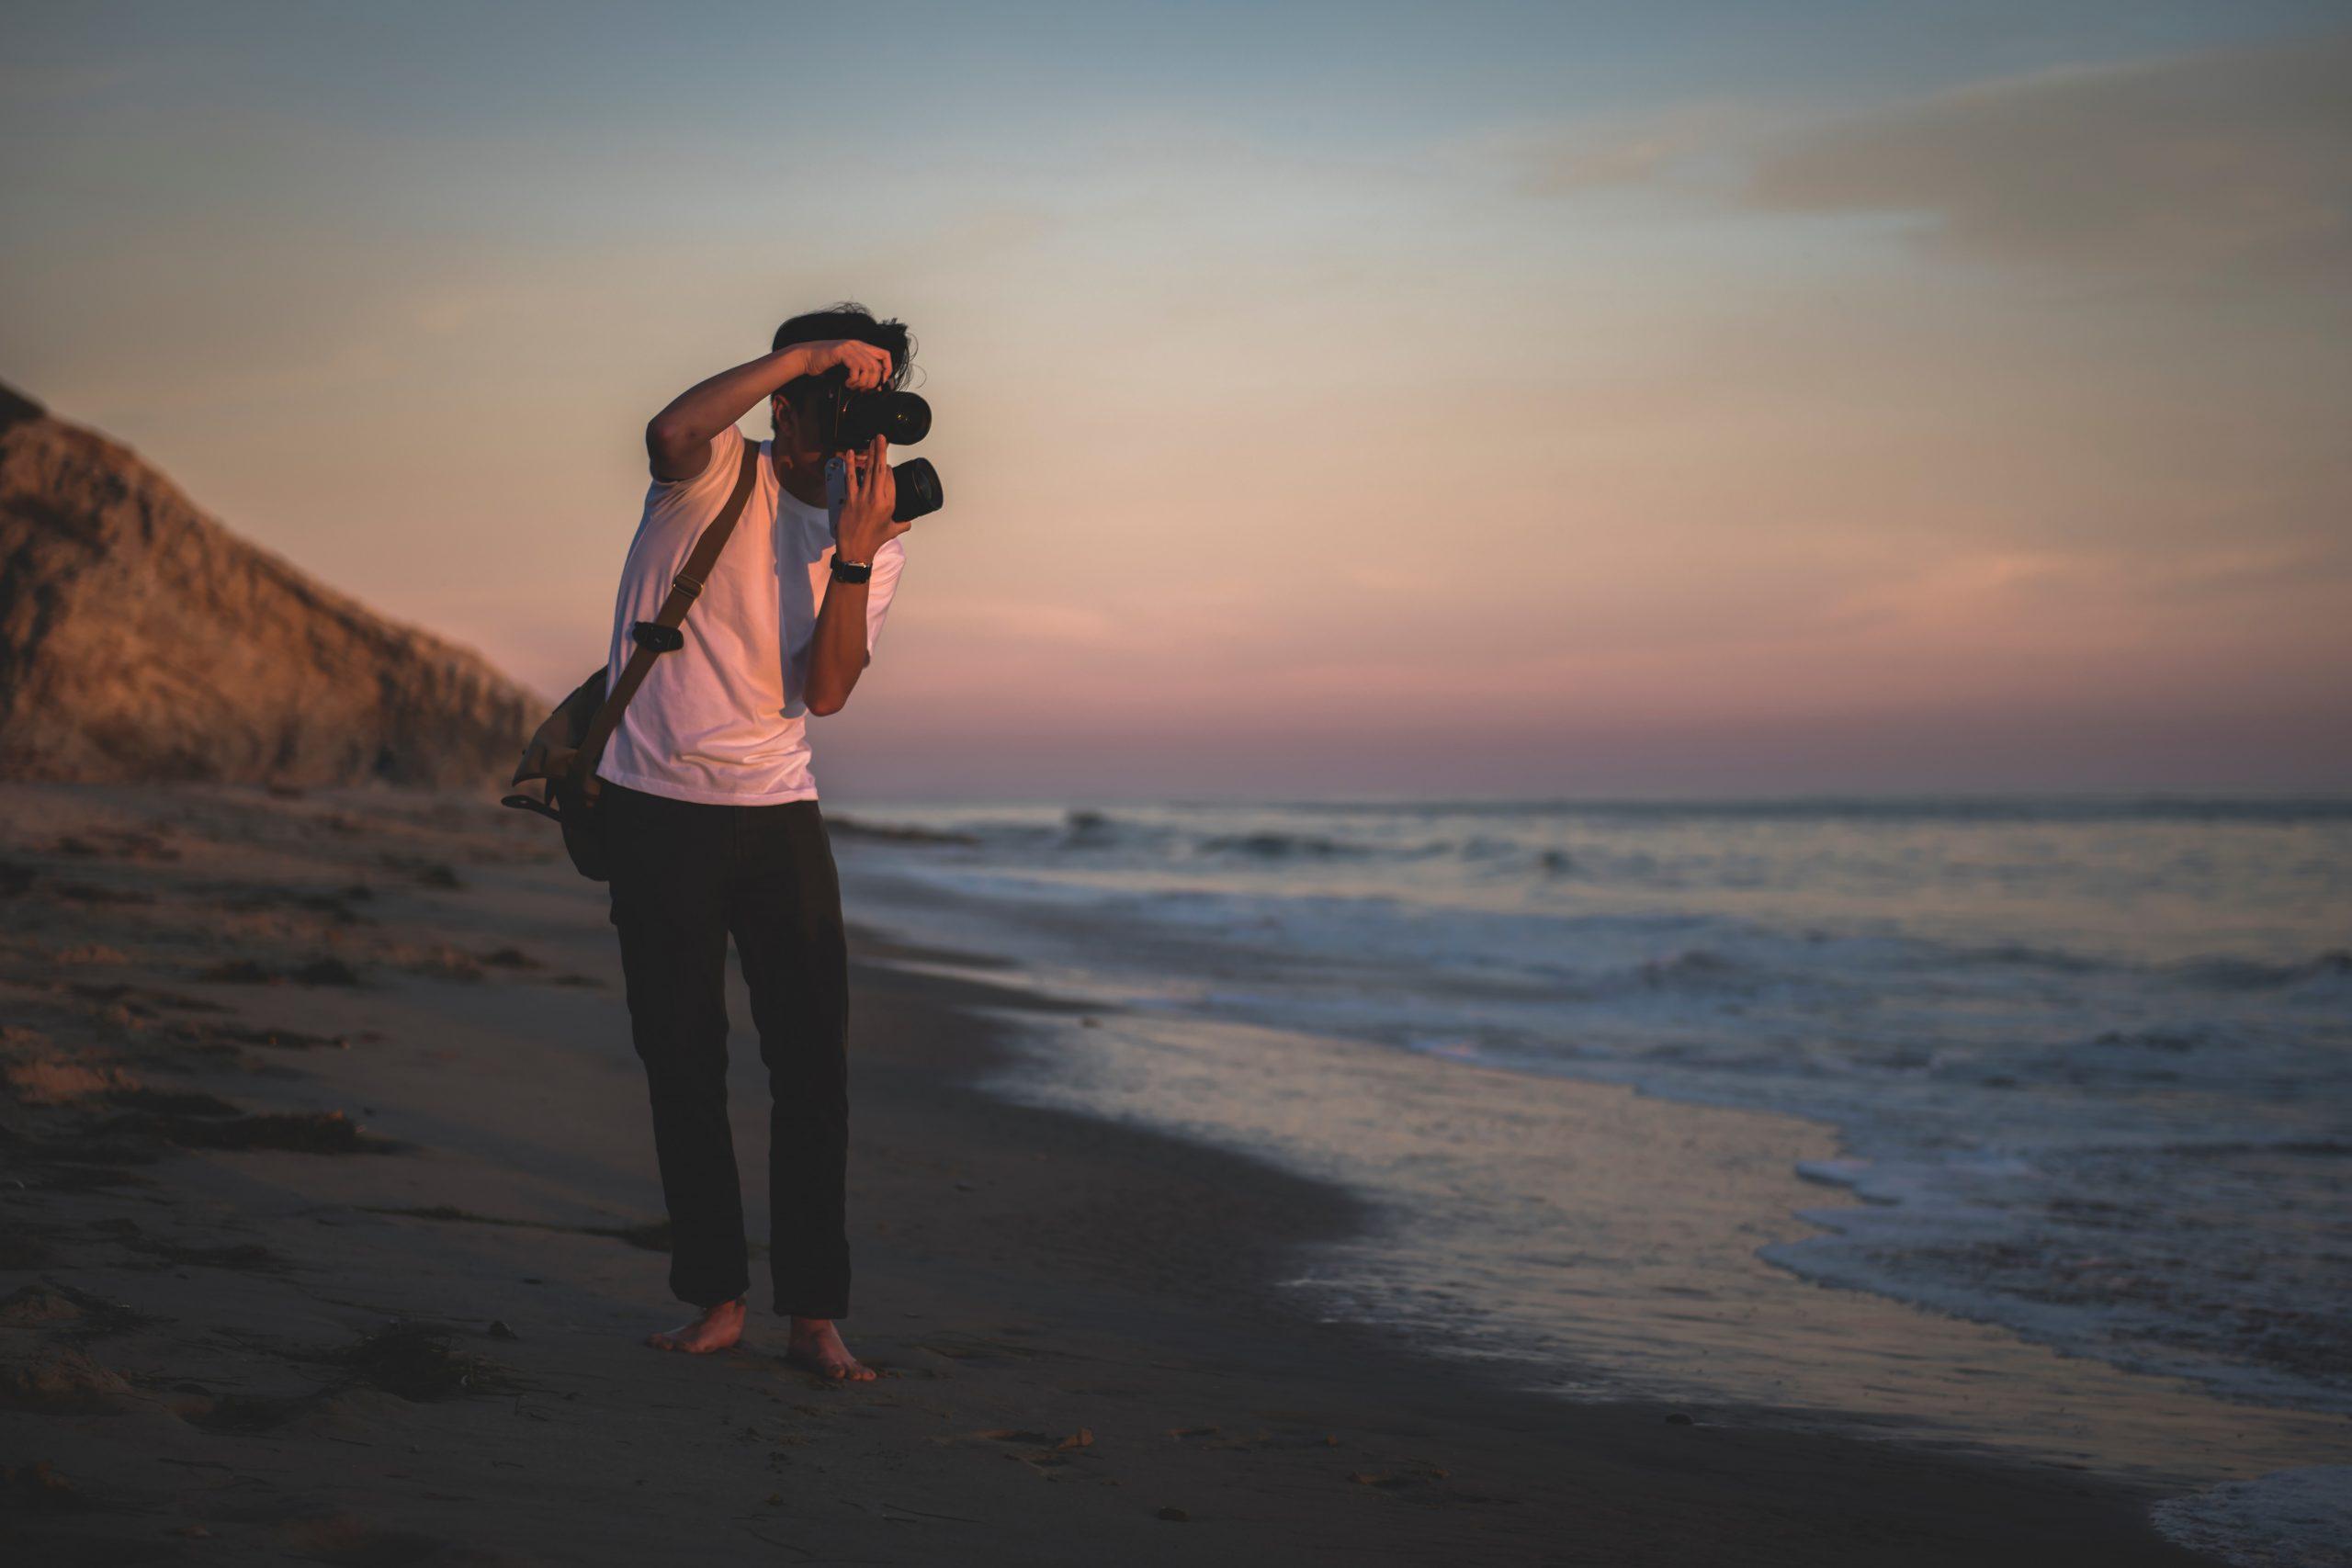 person-taking-photos-on-beach